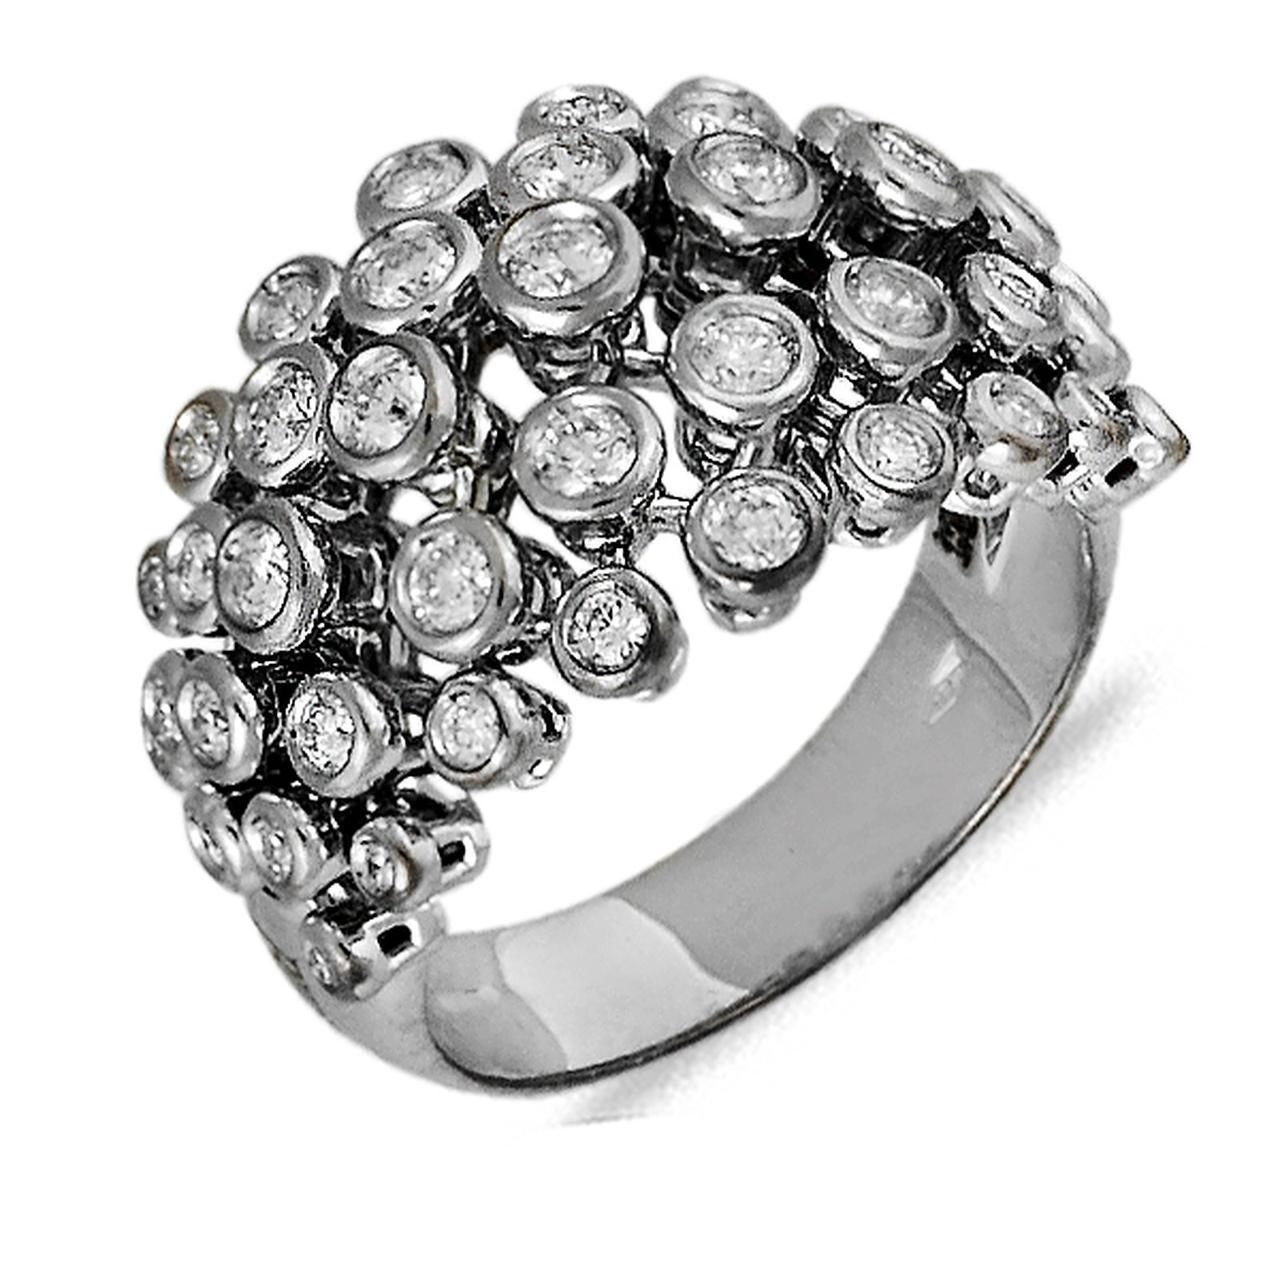 Золотое кольцо с бриллиантами, размер 17.5 (041583)